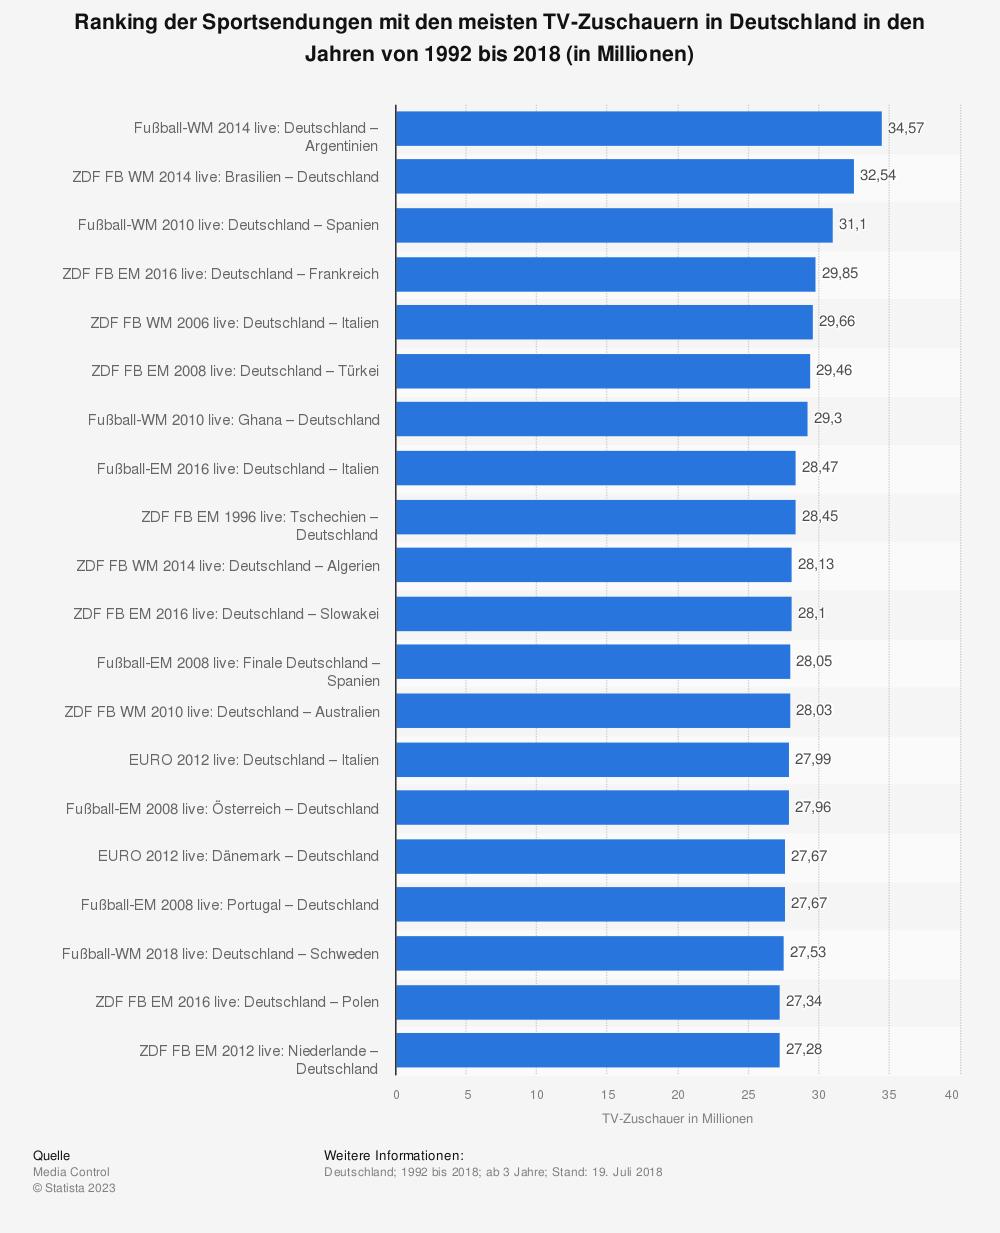 Statistik: Ranking der Sportsendungen mit den meisten TV-Zuschauern in Deutschland in den Jahren von 1992 bis 2018 (in Millionen) | Statista